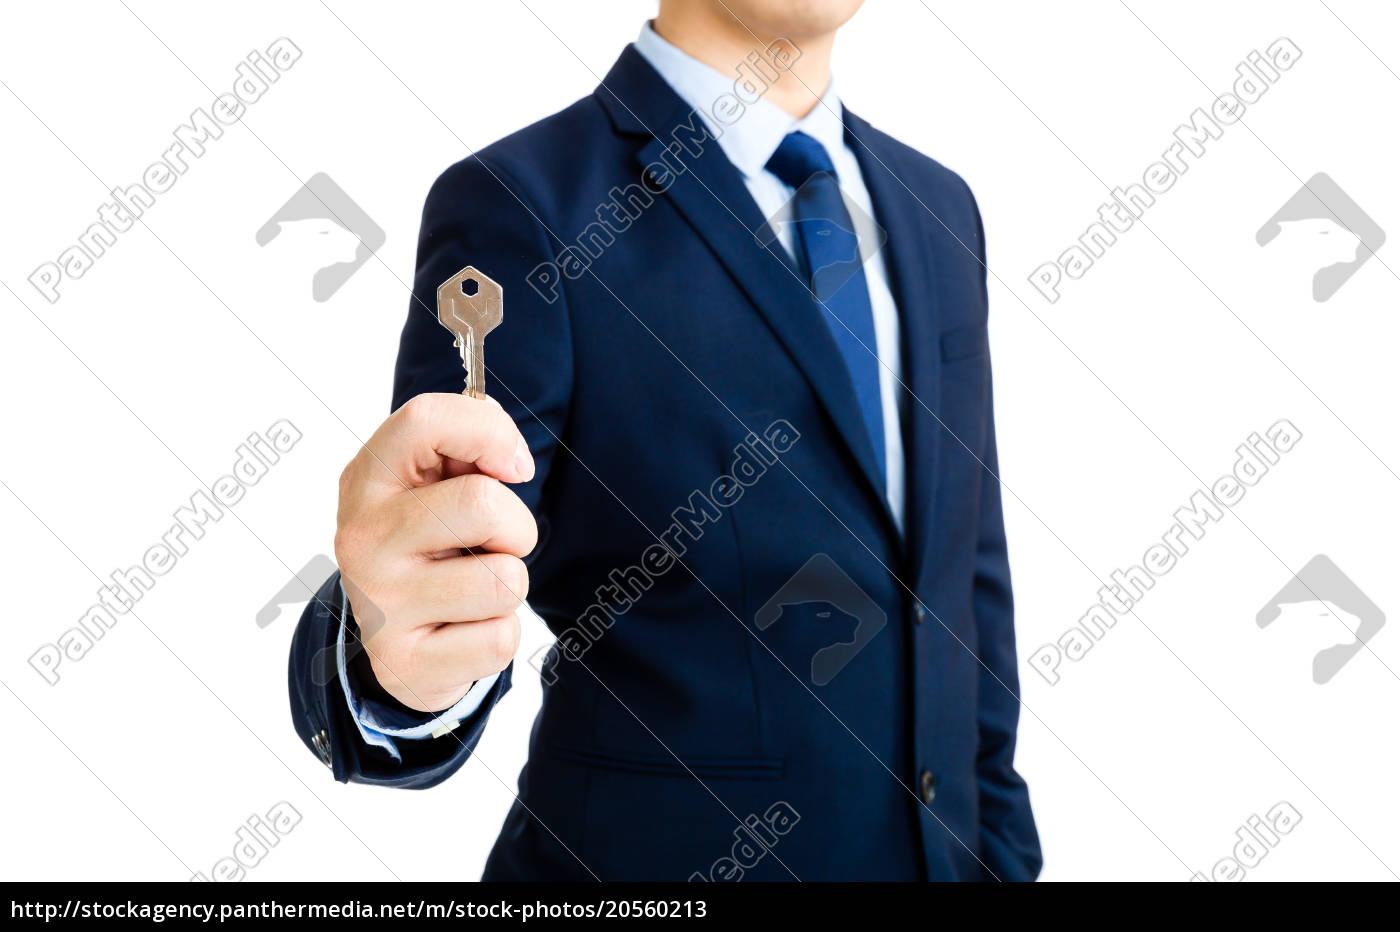 businessman, showing, a, key - 20560213